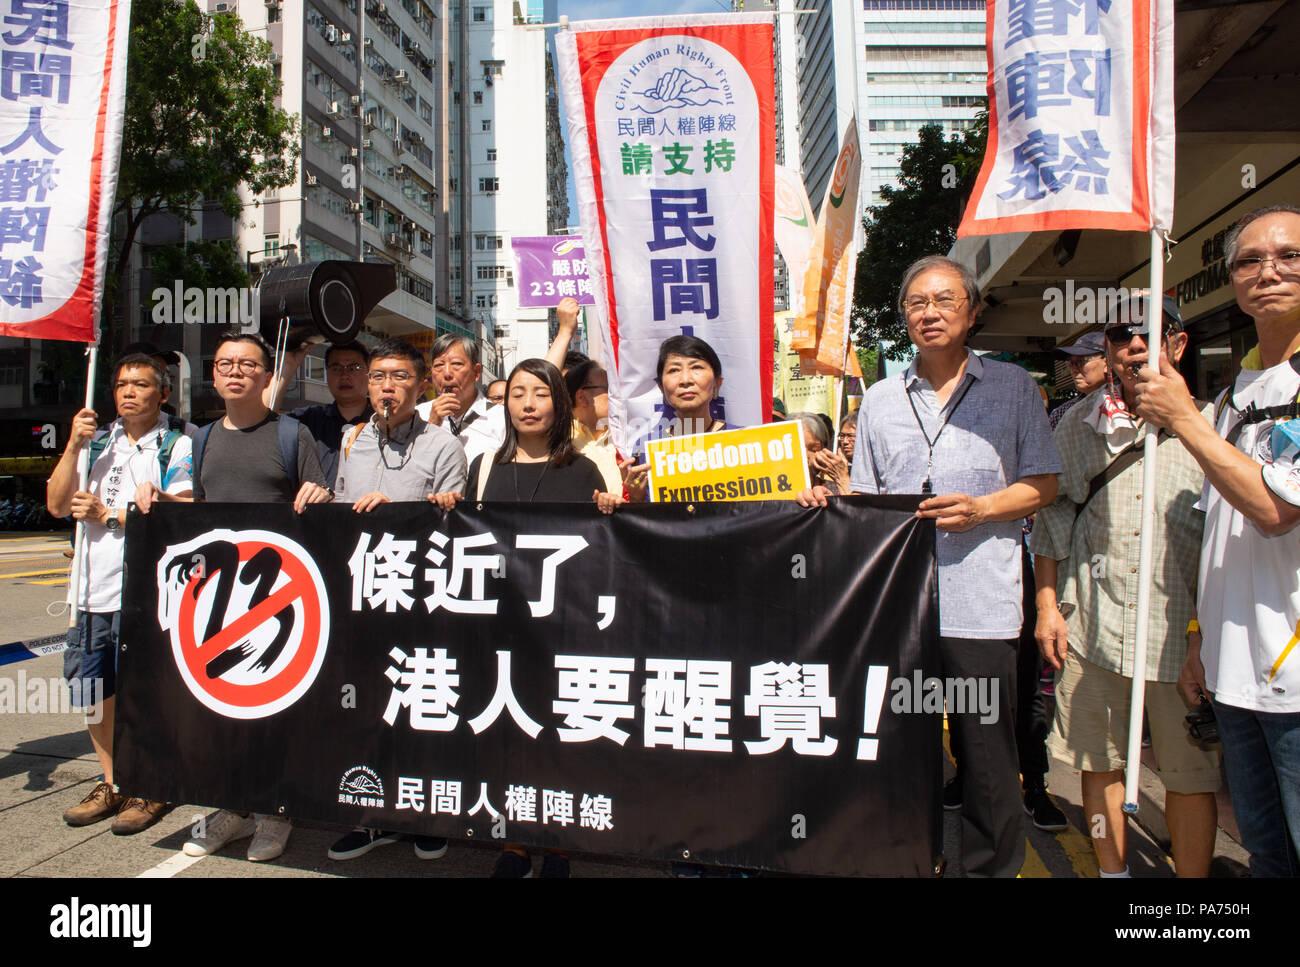 Hong Kong Basic Law Article 23